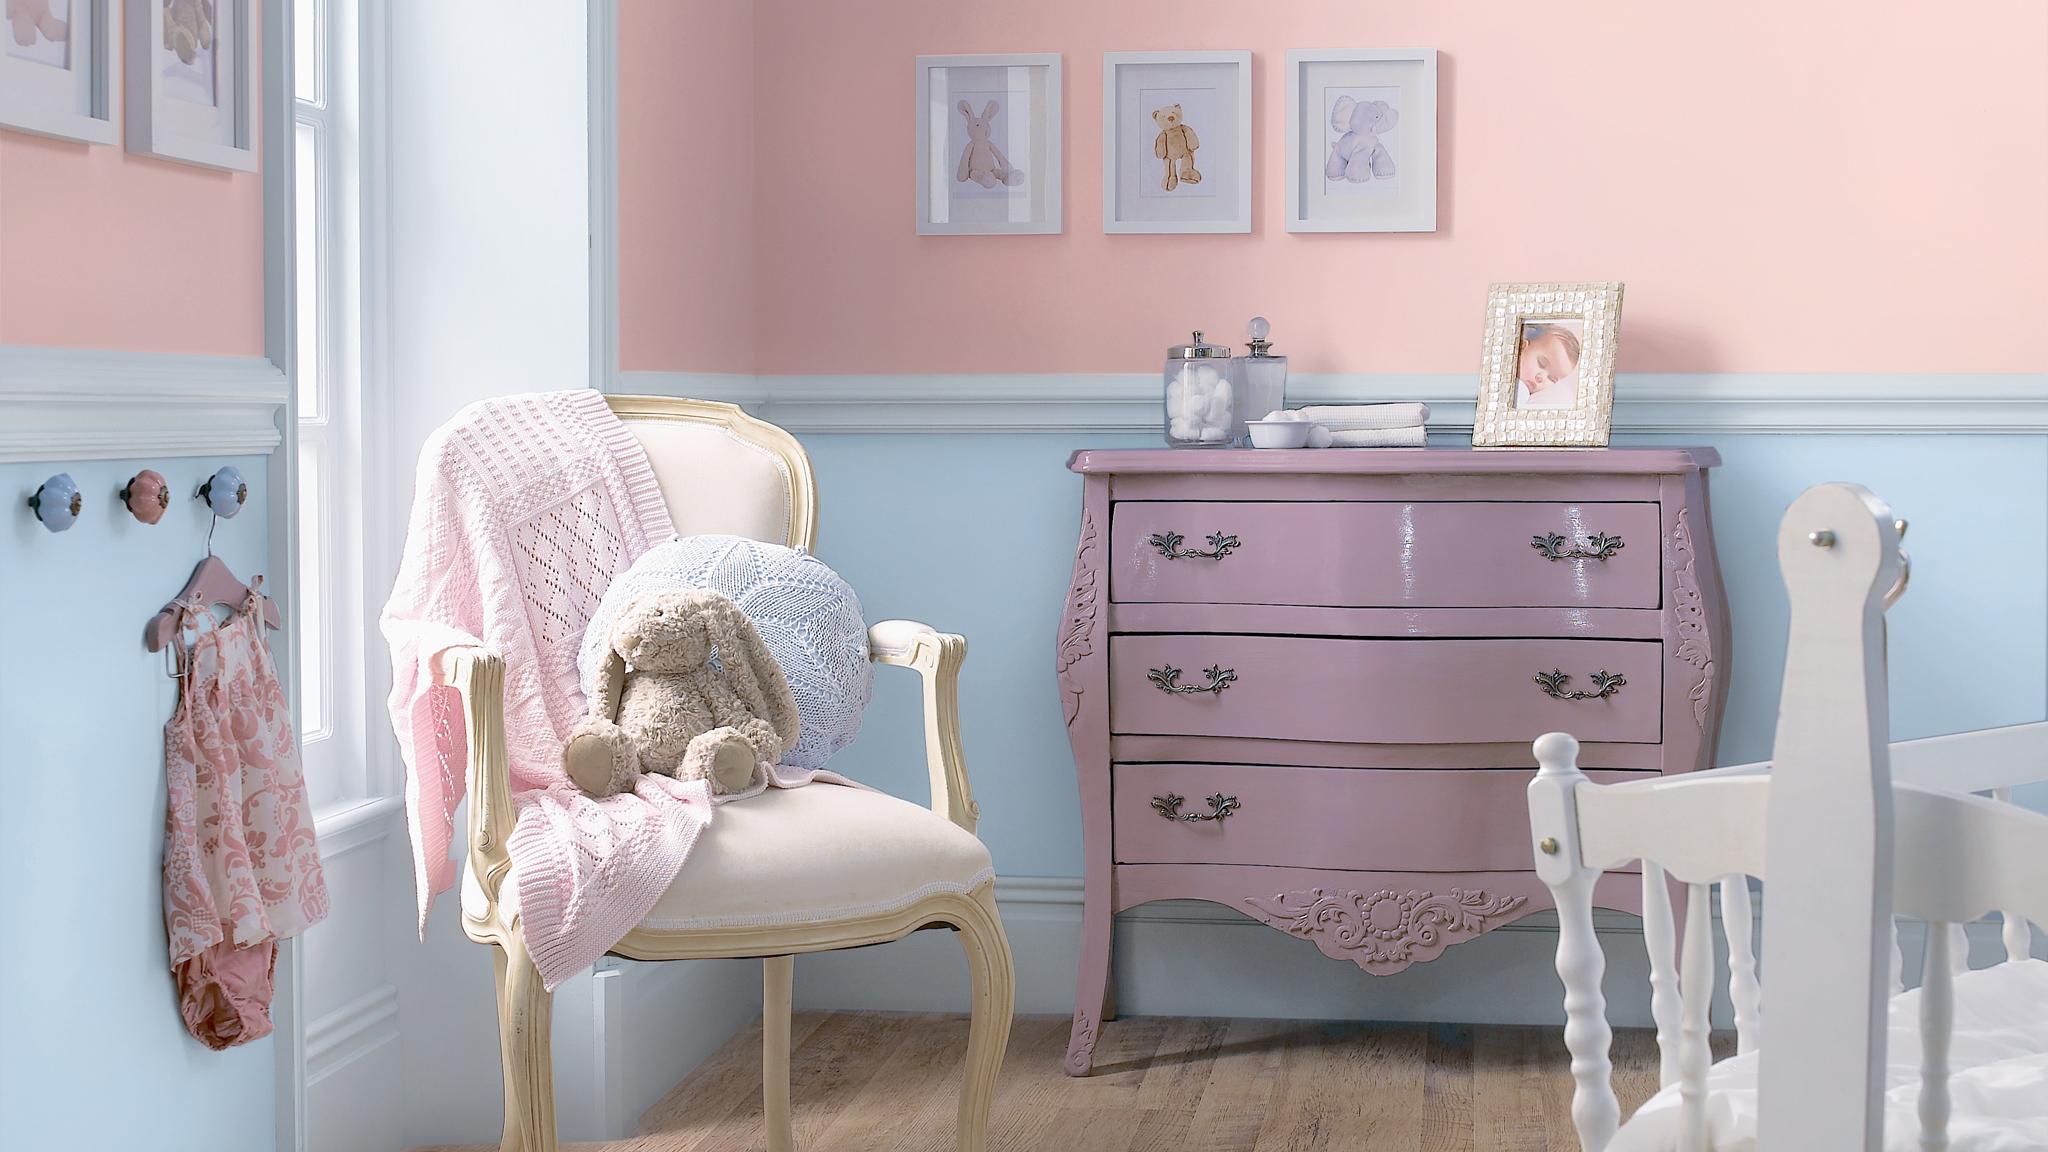 Pilih Warna Warna Pastel Untuk Kamar Bayi Yang Menenangkan Dulux Cat warna pastel muda